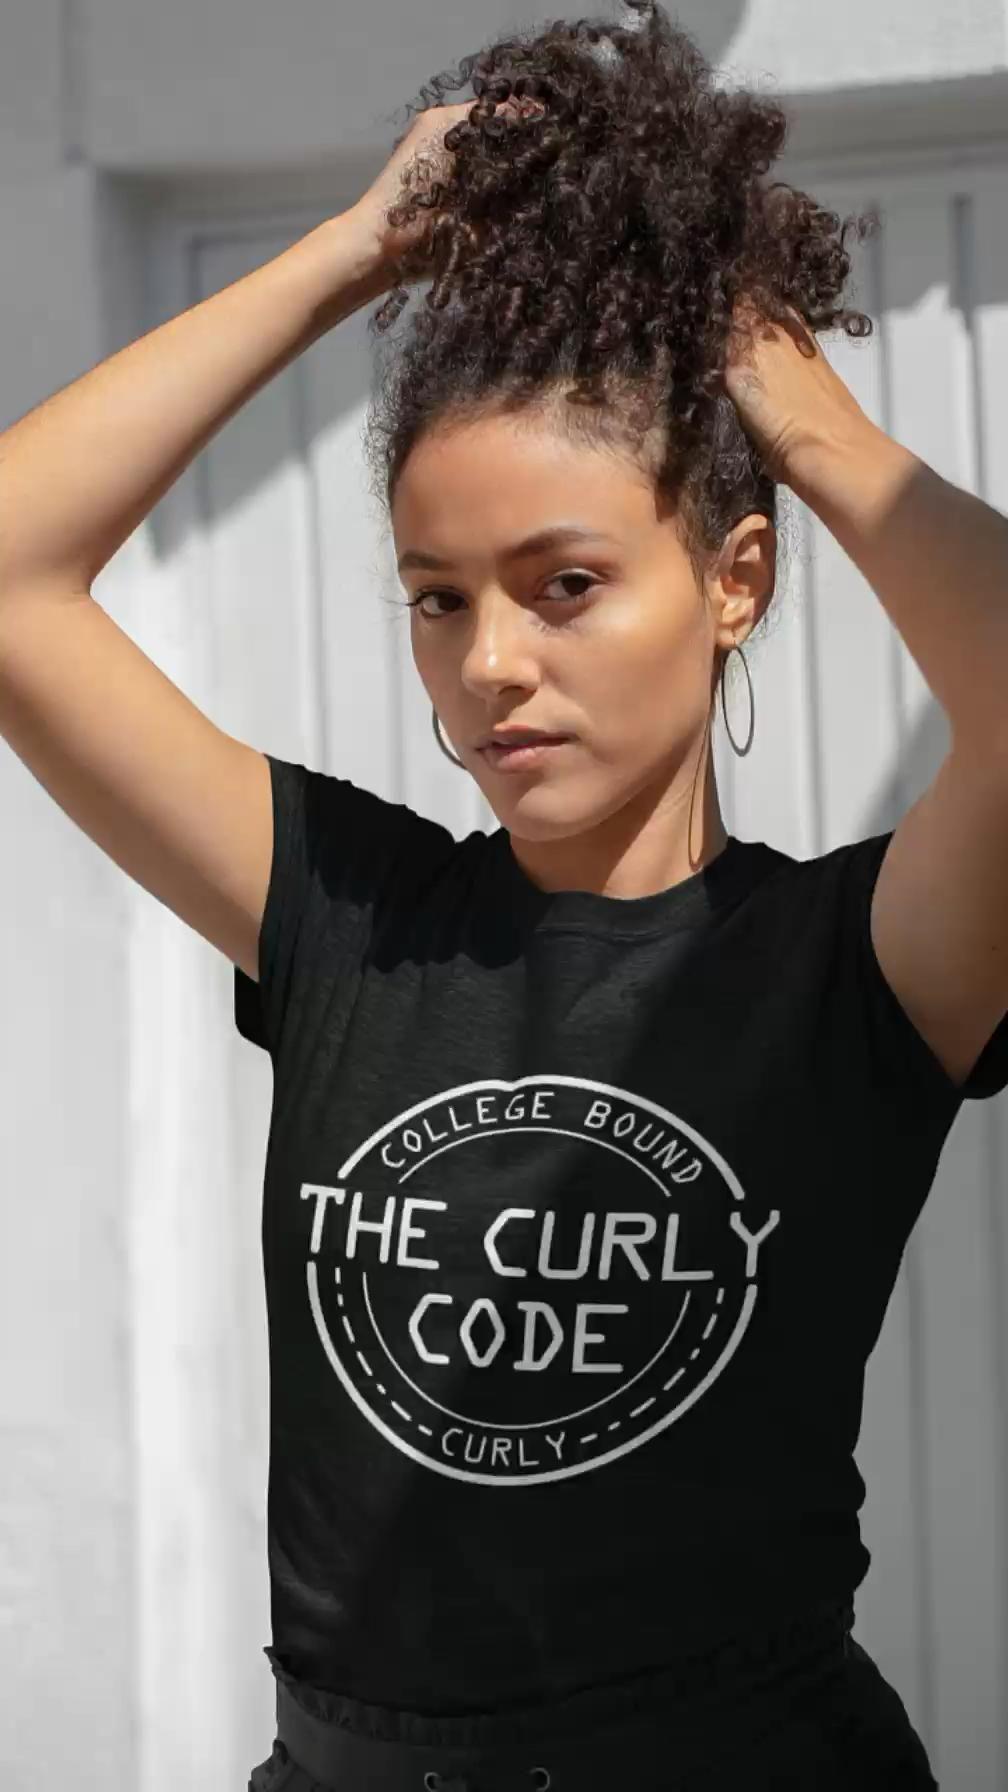 #shirts #blacktee #cottontshirt #tshirt #tshirtdesign